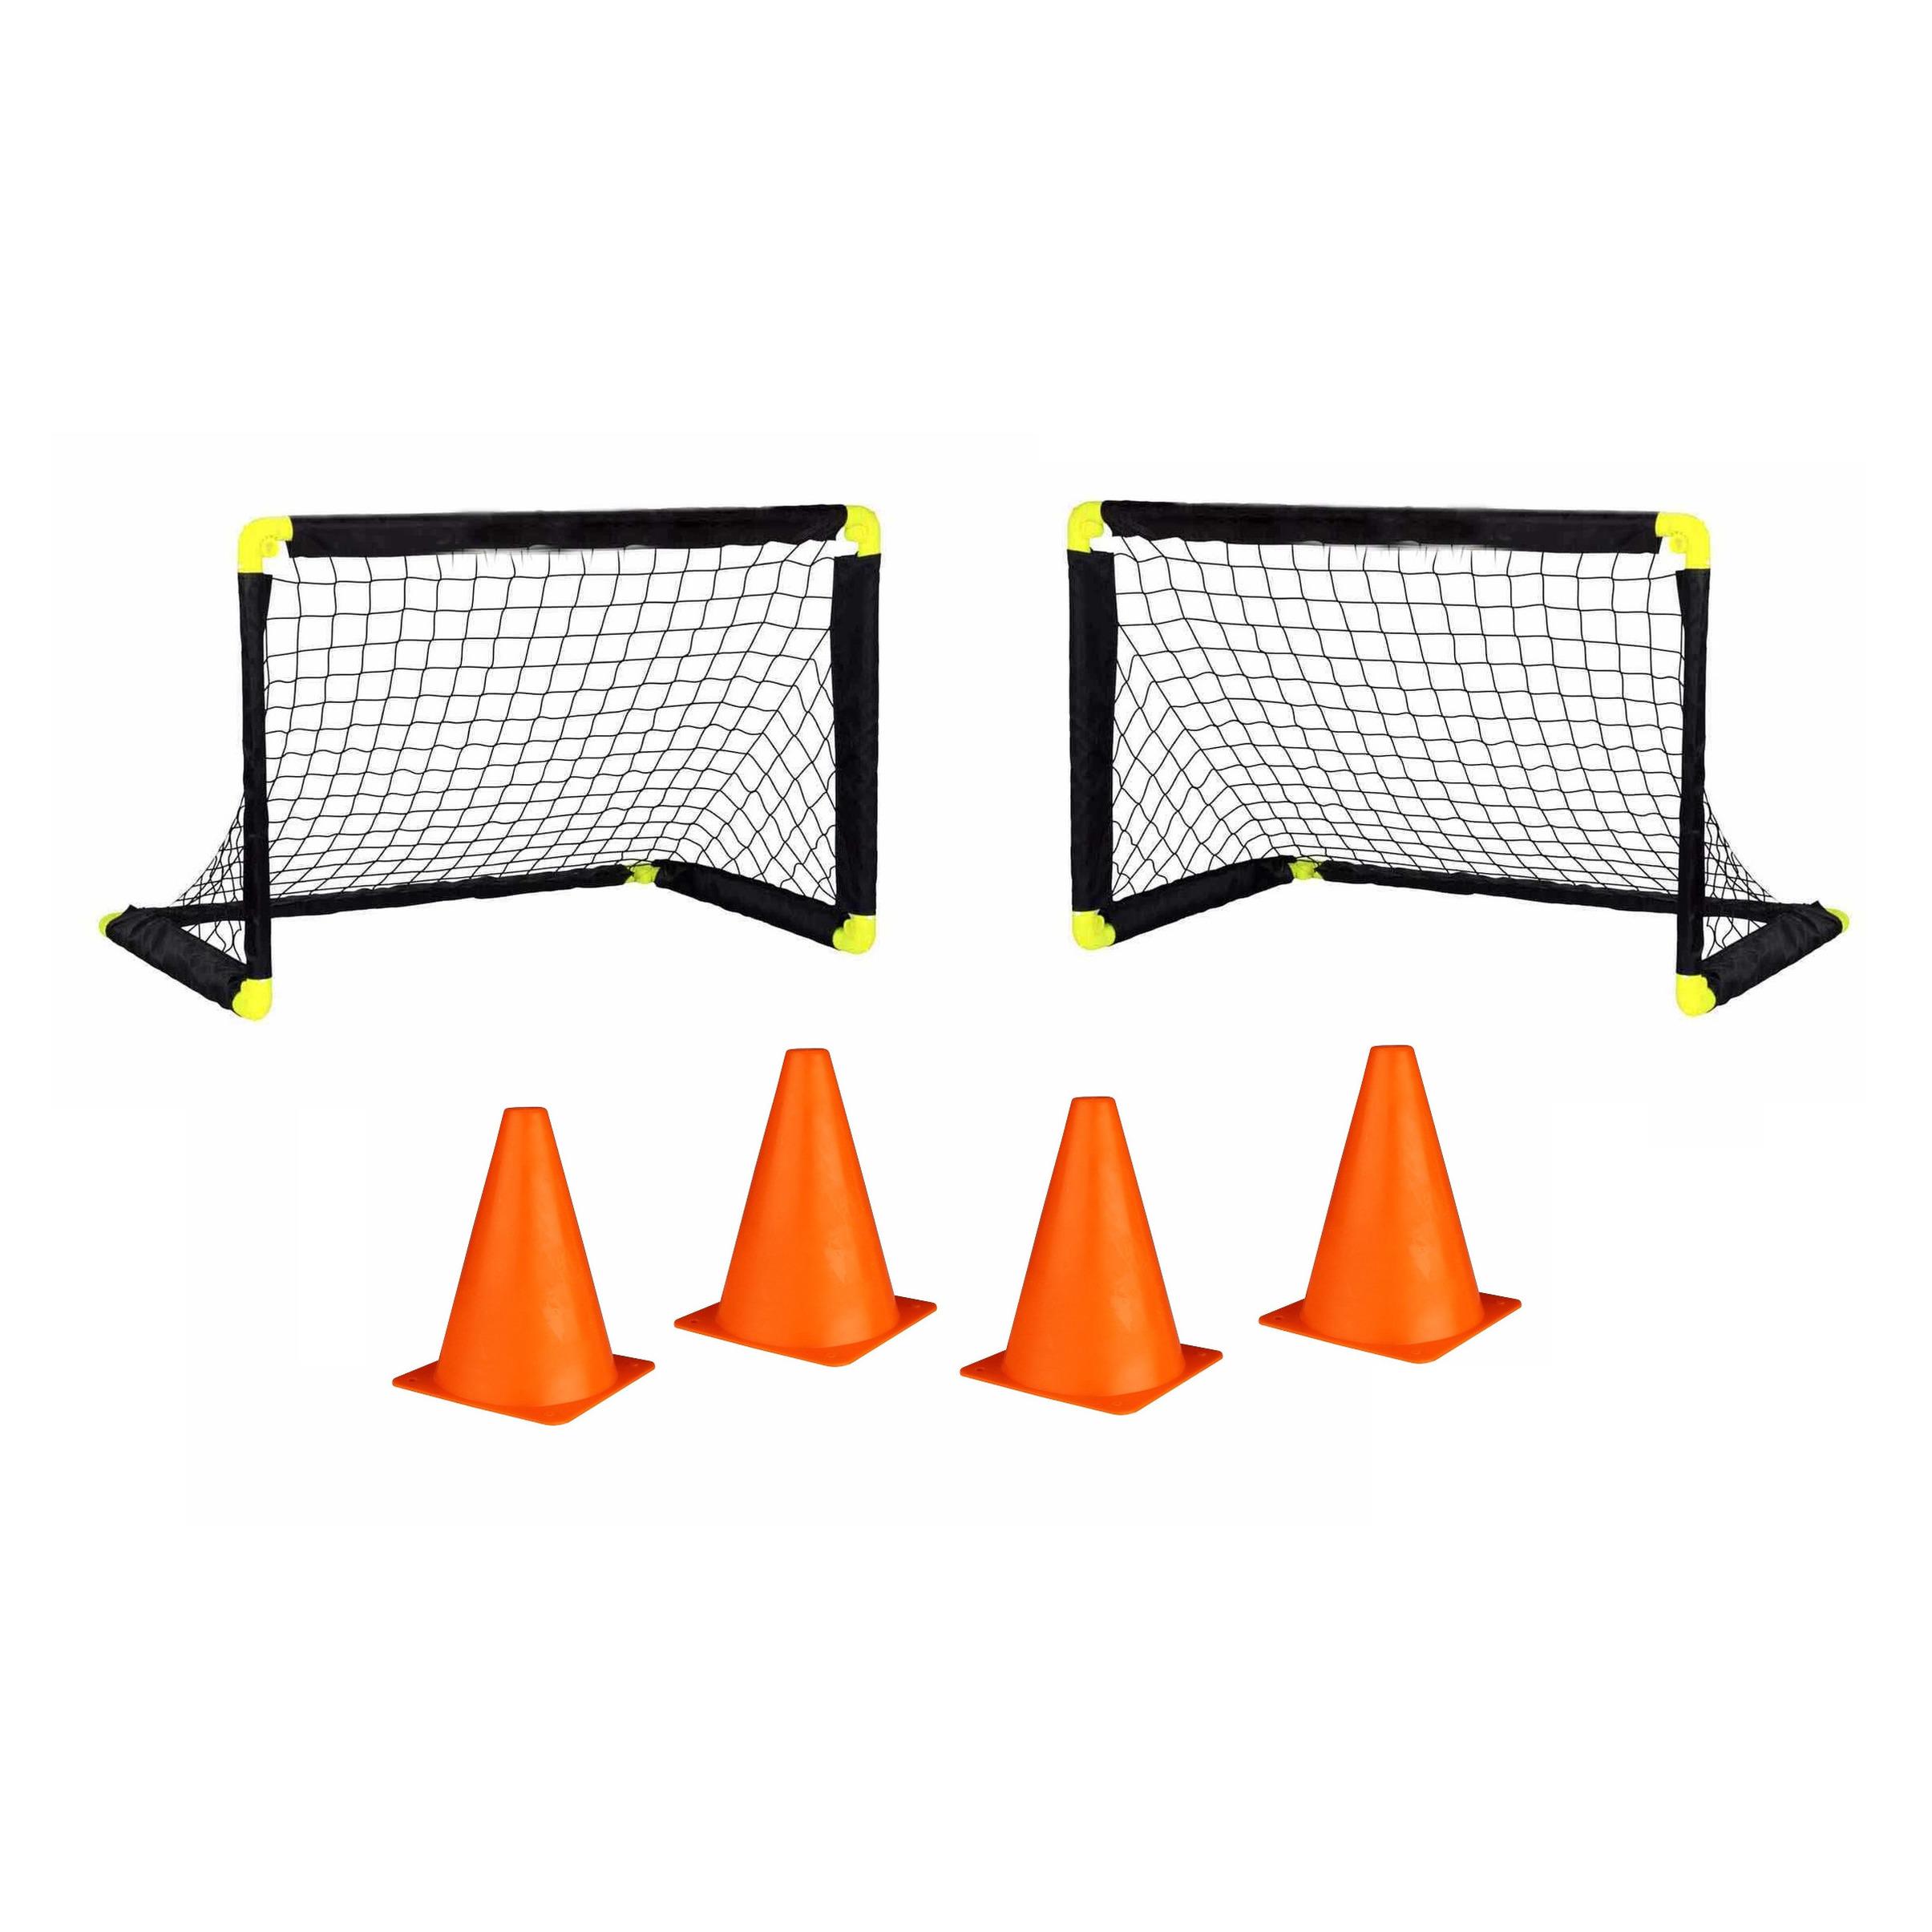 2x voetbal goals doelen set met 4 oranje pionnen